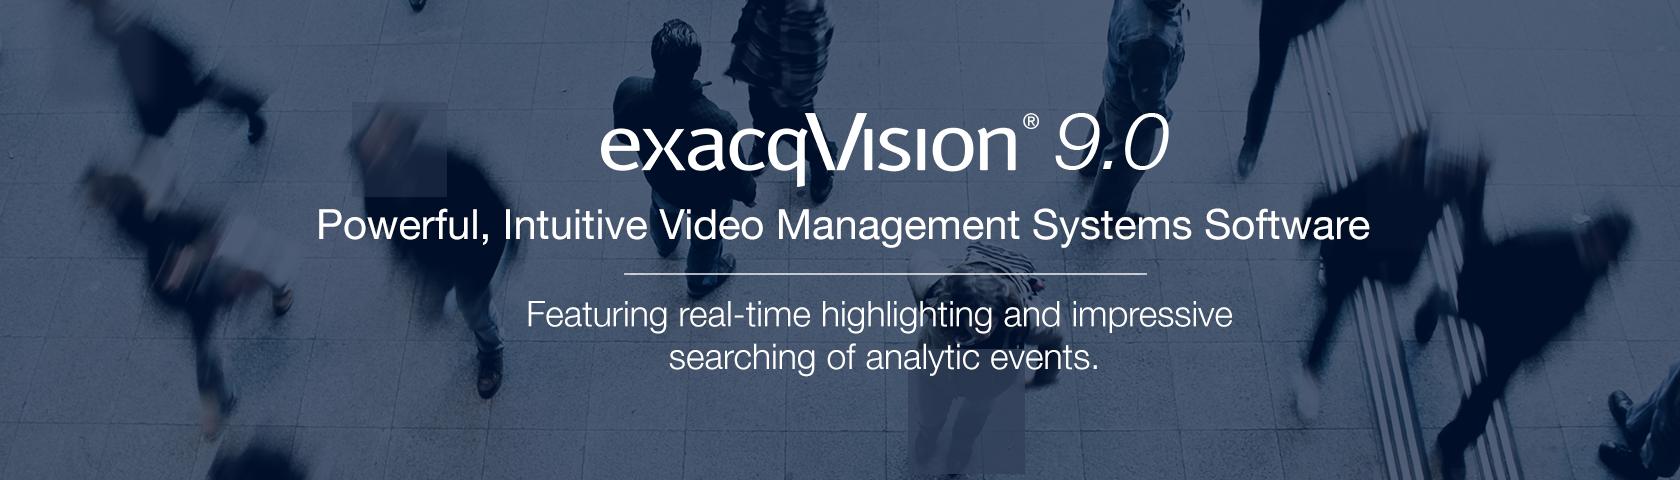 exacqVision 9.0